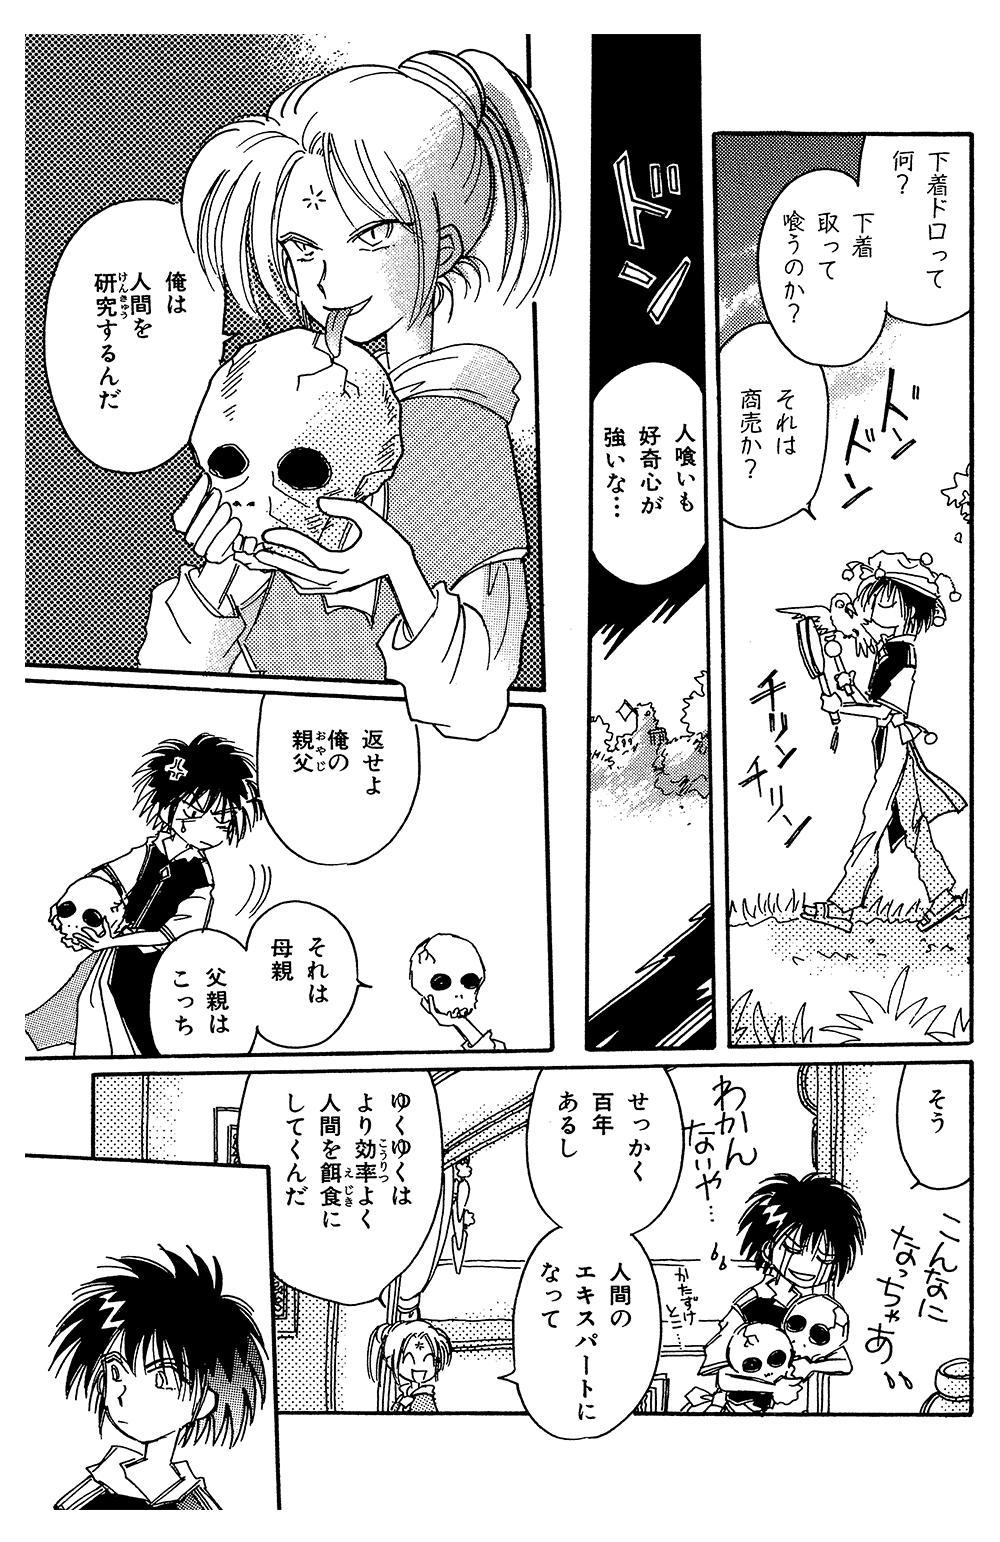 チキタ★GUGU 第3話chikitagg05-05.jpg